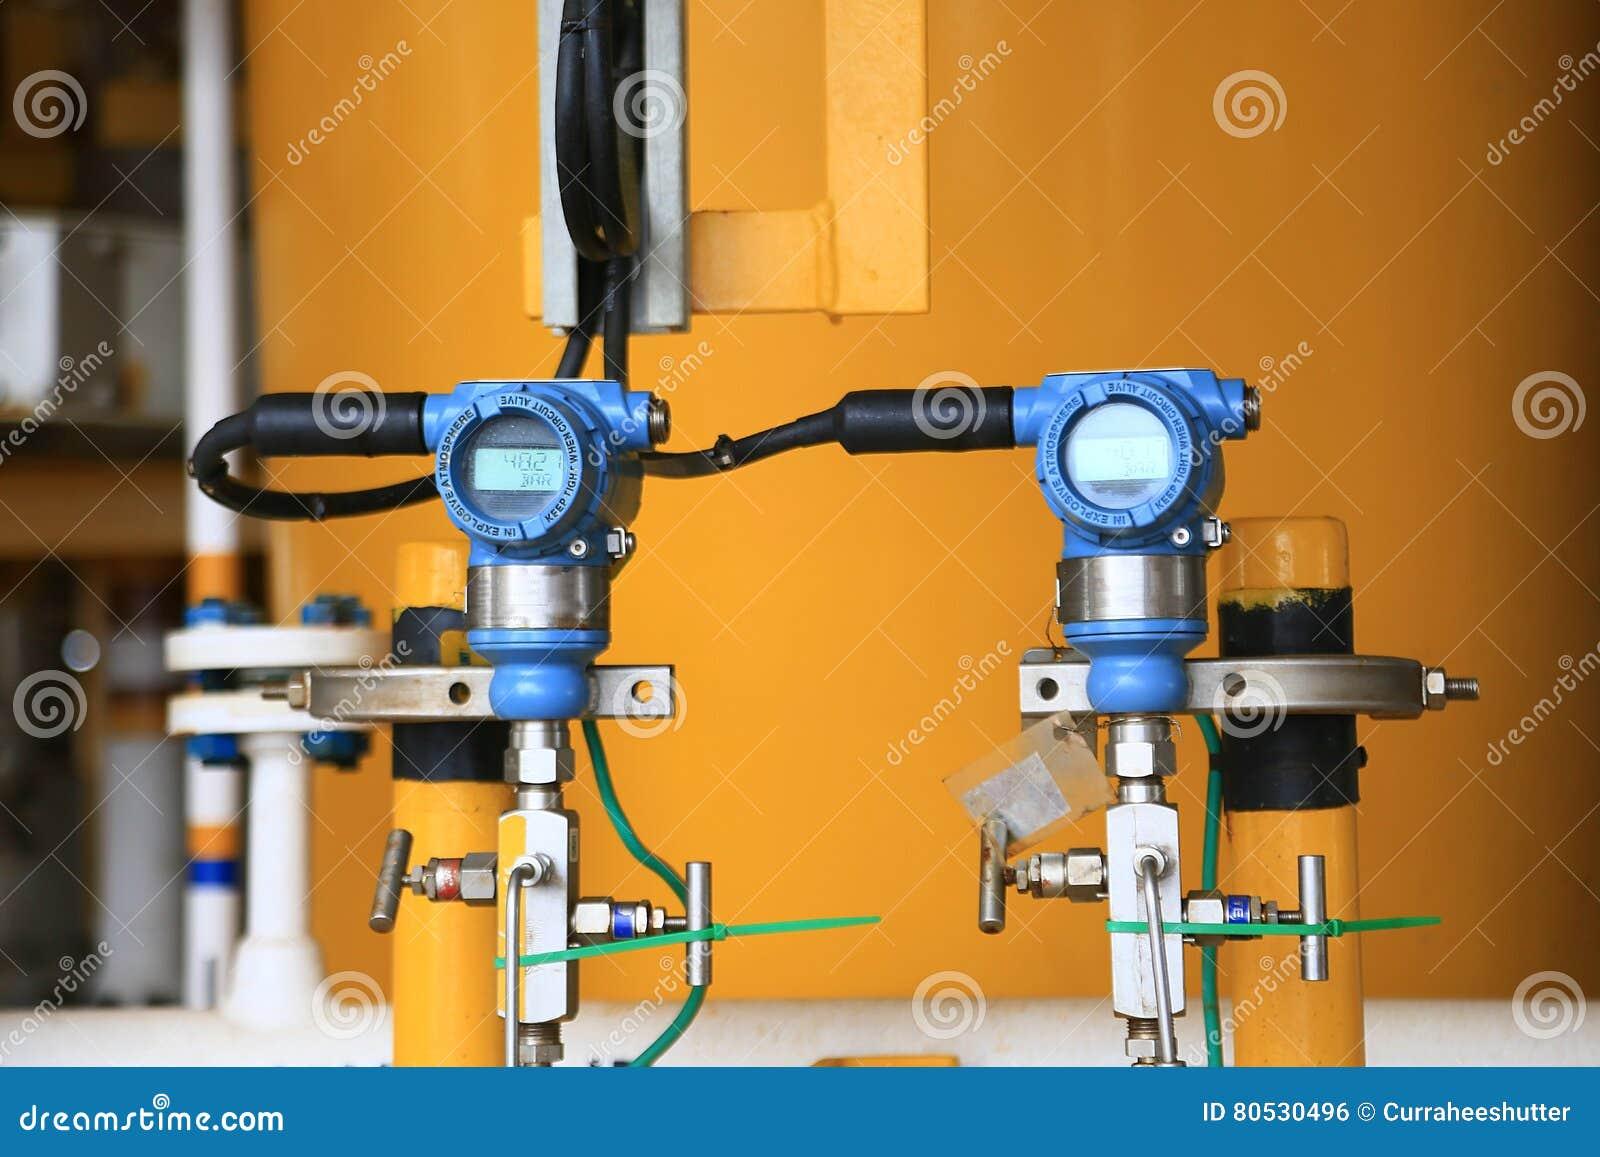 在油和煤气的压力传送器处理,发出信号到在系统的控制器和读书压力,电子变换装置